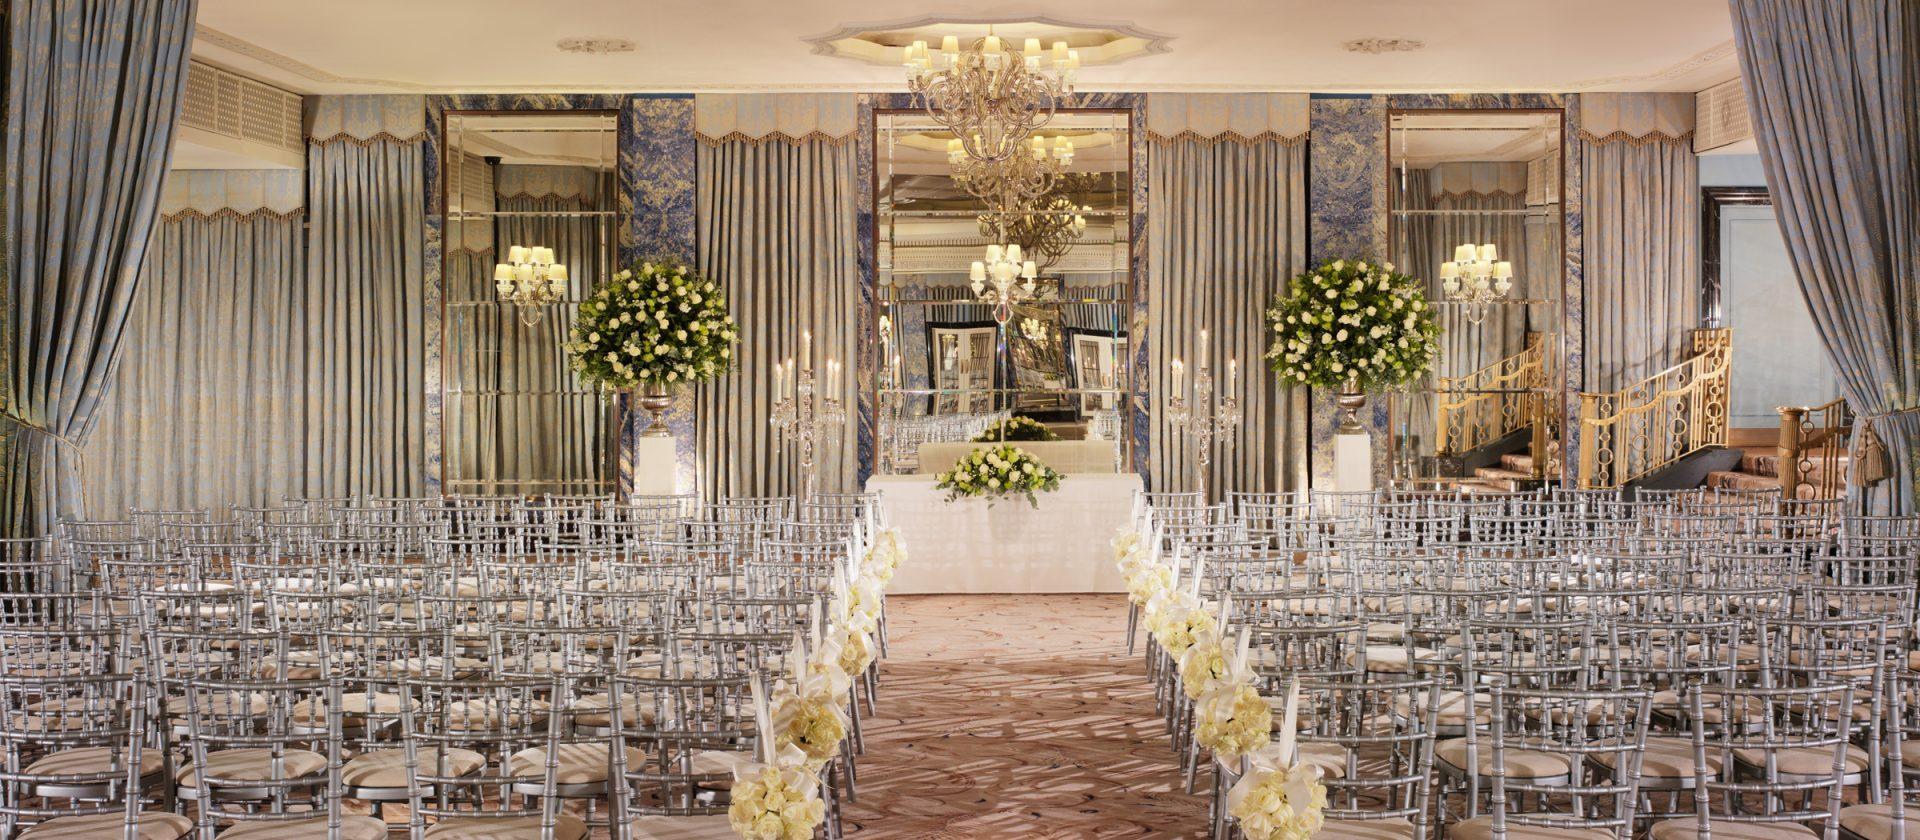 Vos Evenements Prives Anniversaires Baptemes Hotel La Ferme De La Chapelle